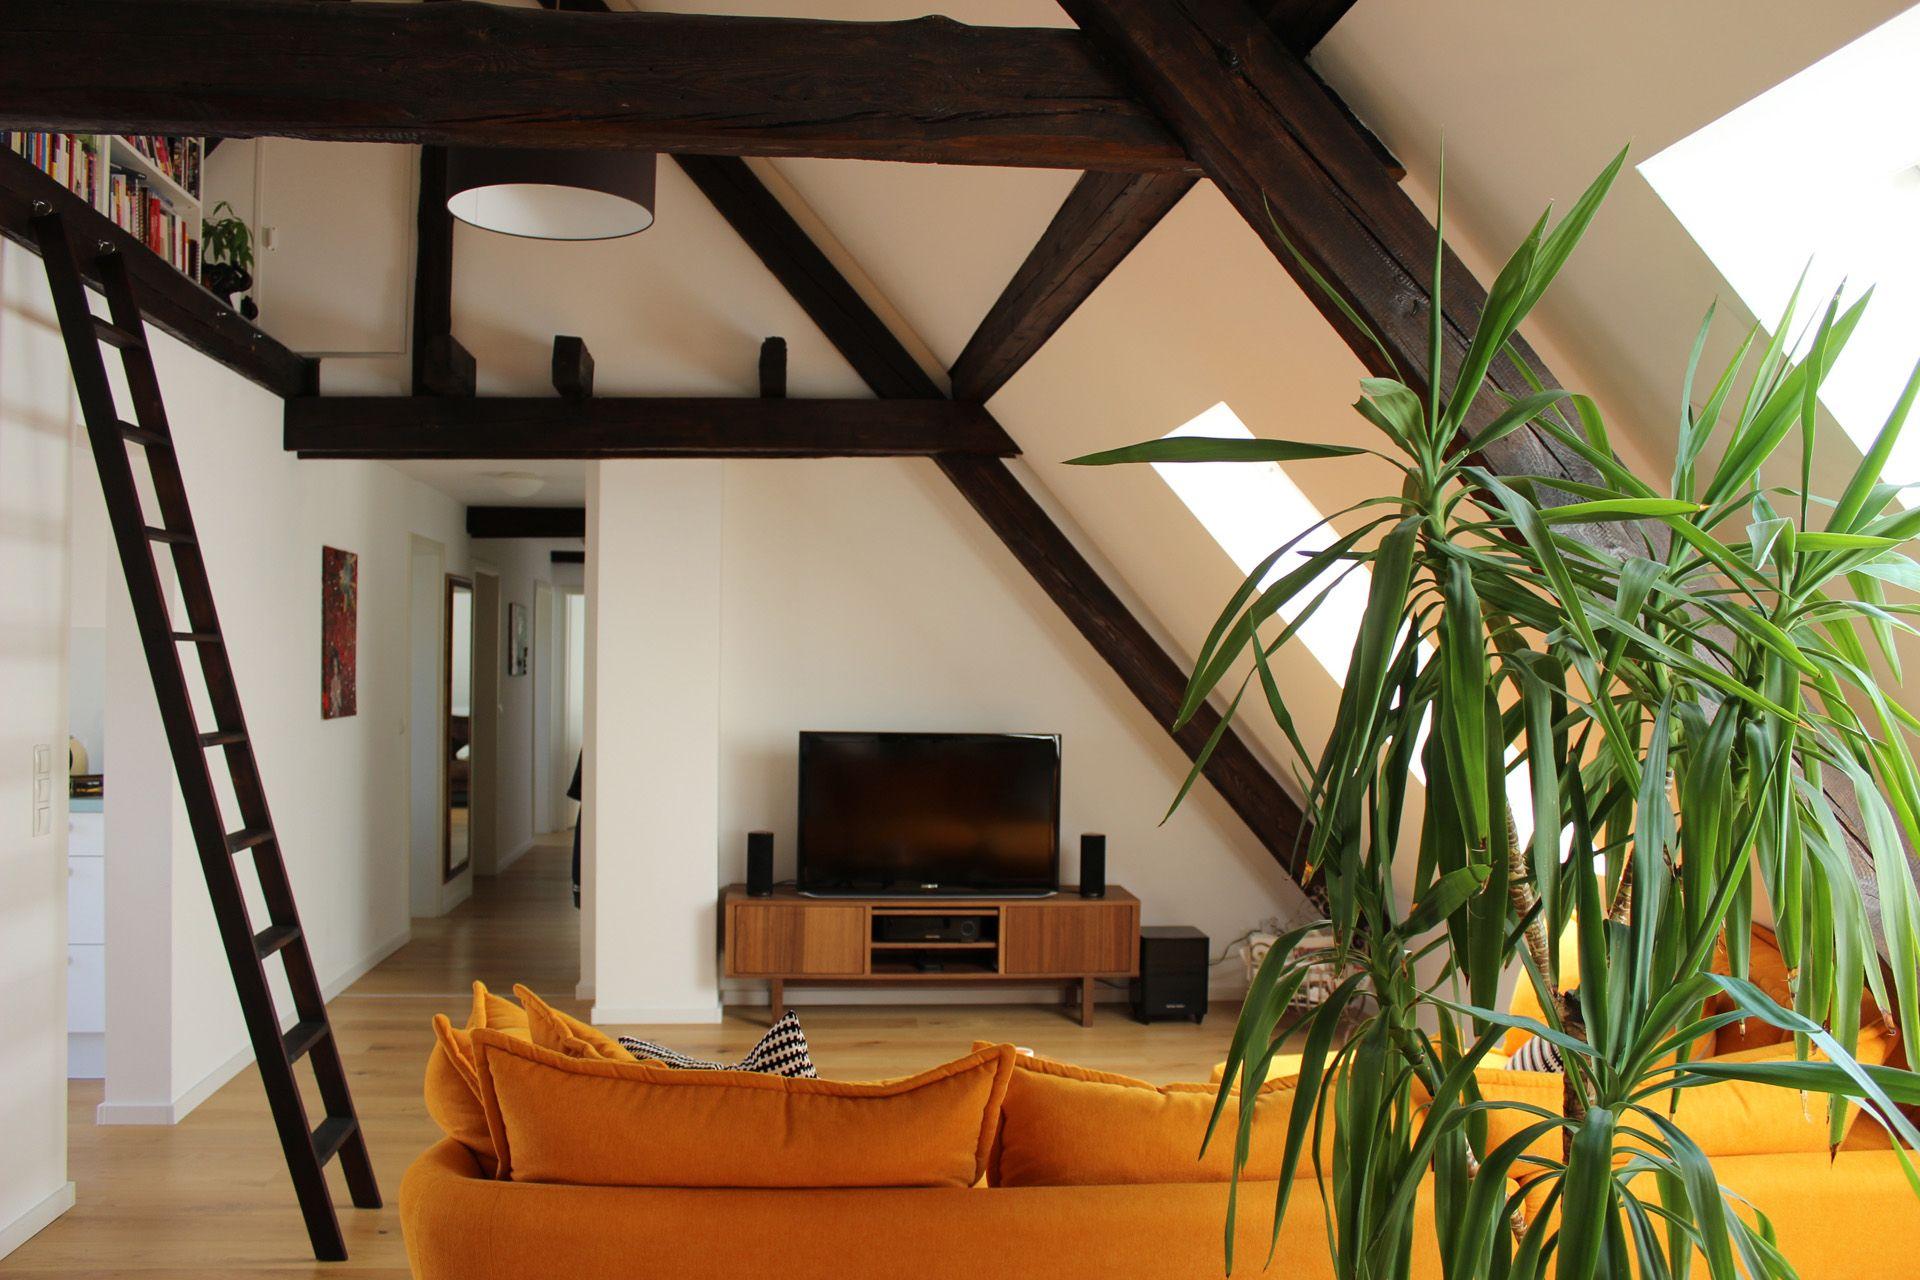 Architekten Landau wohnung l landau hausgemacht architekten möbel